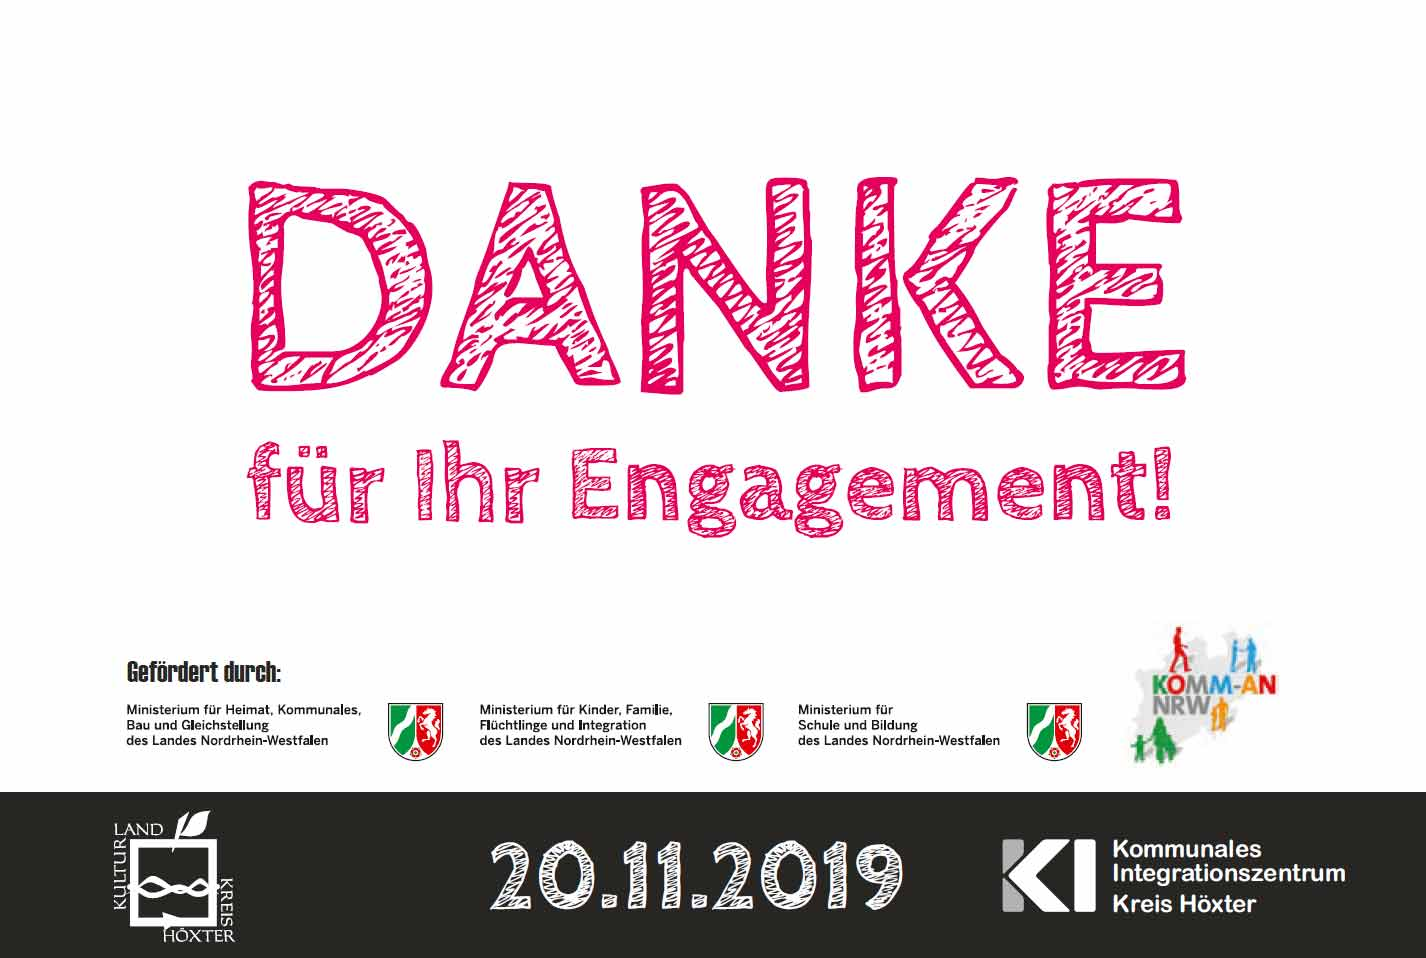 Anmeldung Dankeschön-Fest am 20.11.2019